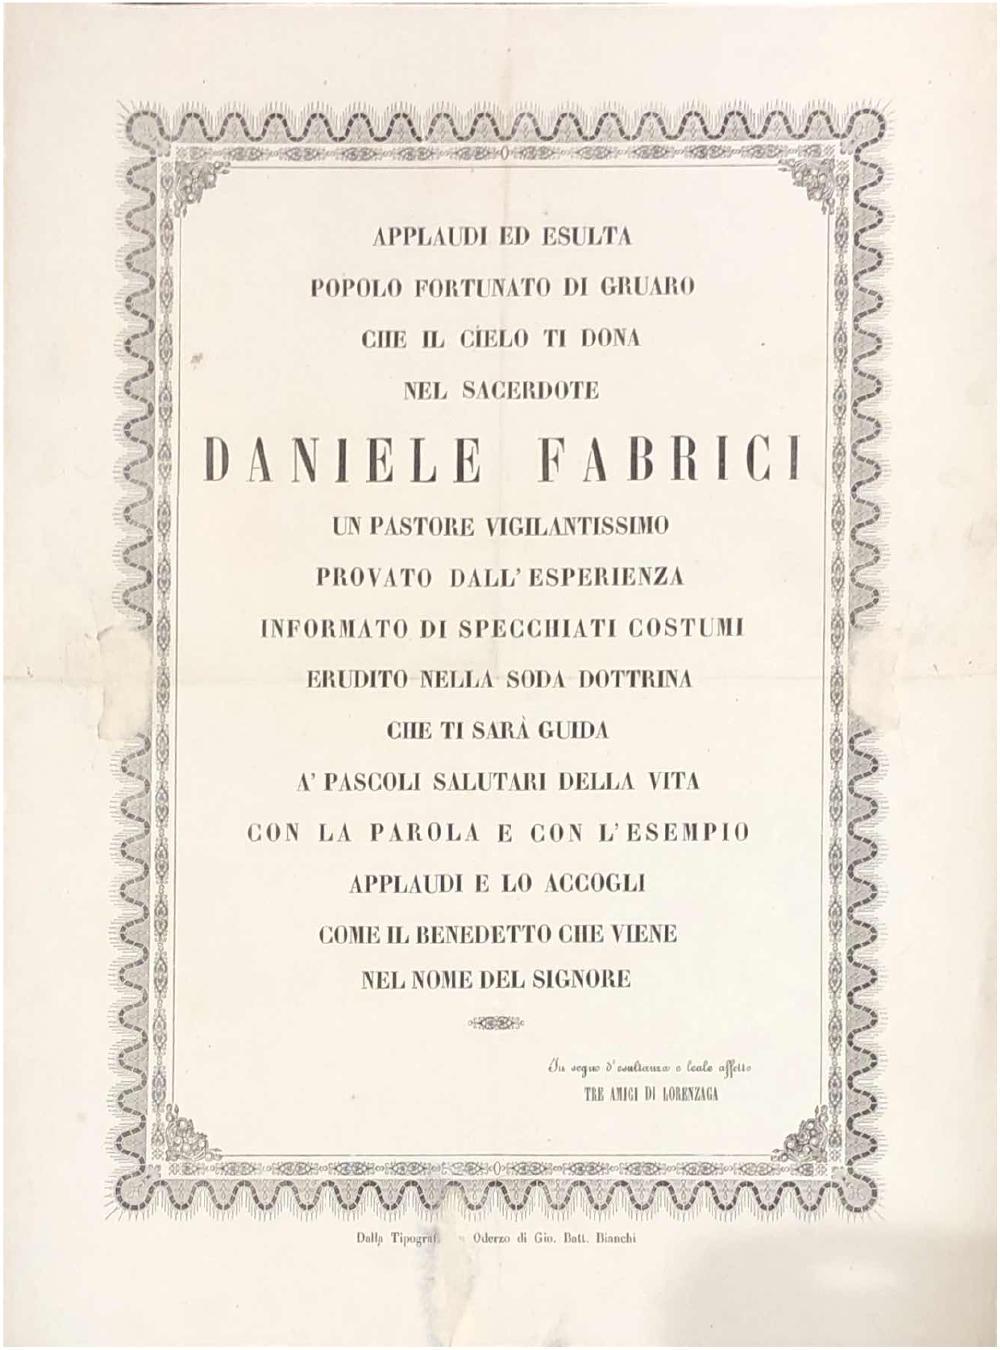 A Daniele Fabrici novello parroco di Gruaro